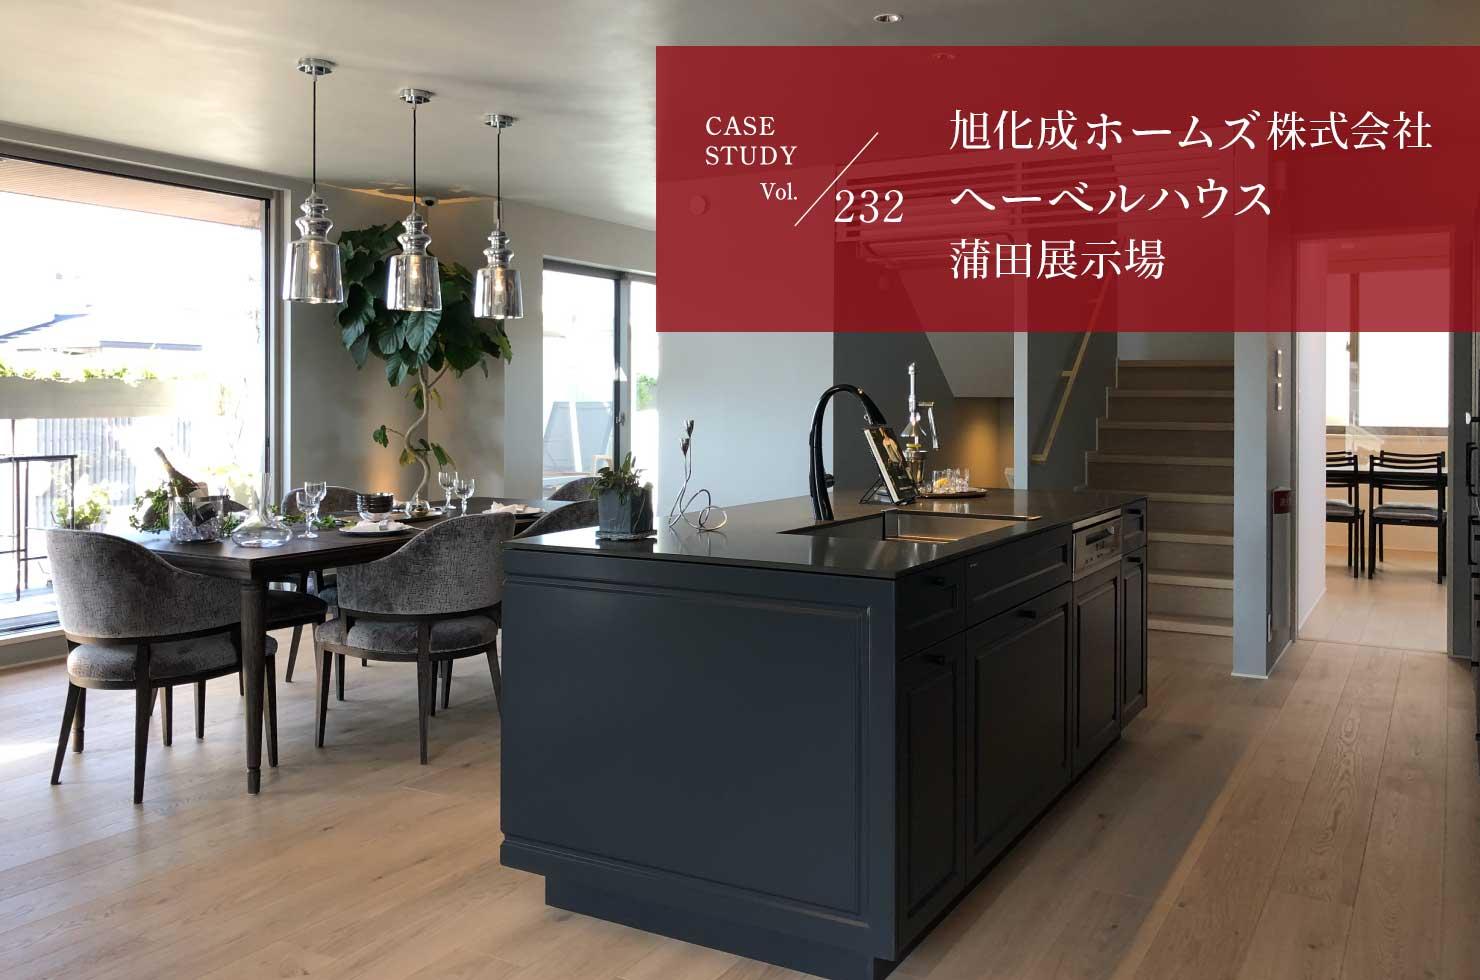 CASE STUDY vol.232 旭化成ホームズ株式会社 ヘーベルハウス 蒲田展示場